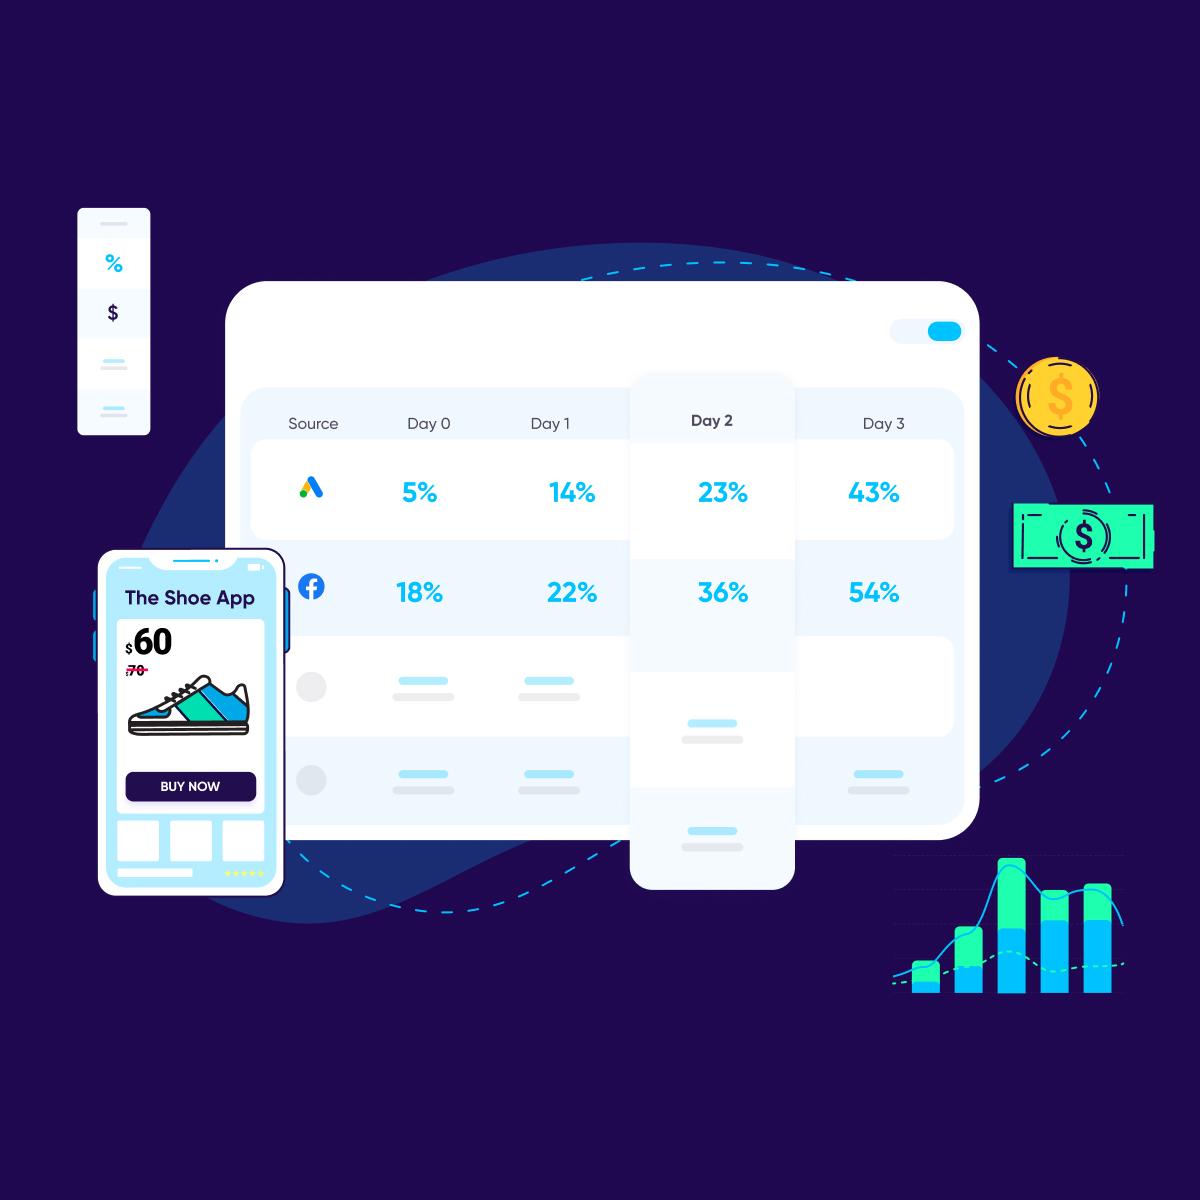 mobile roi measurement tips - Square